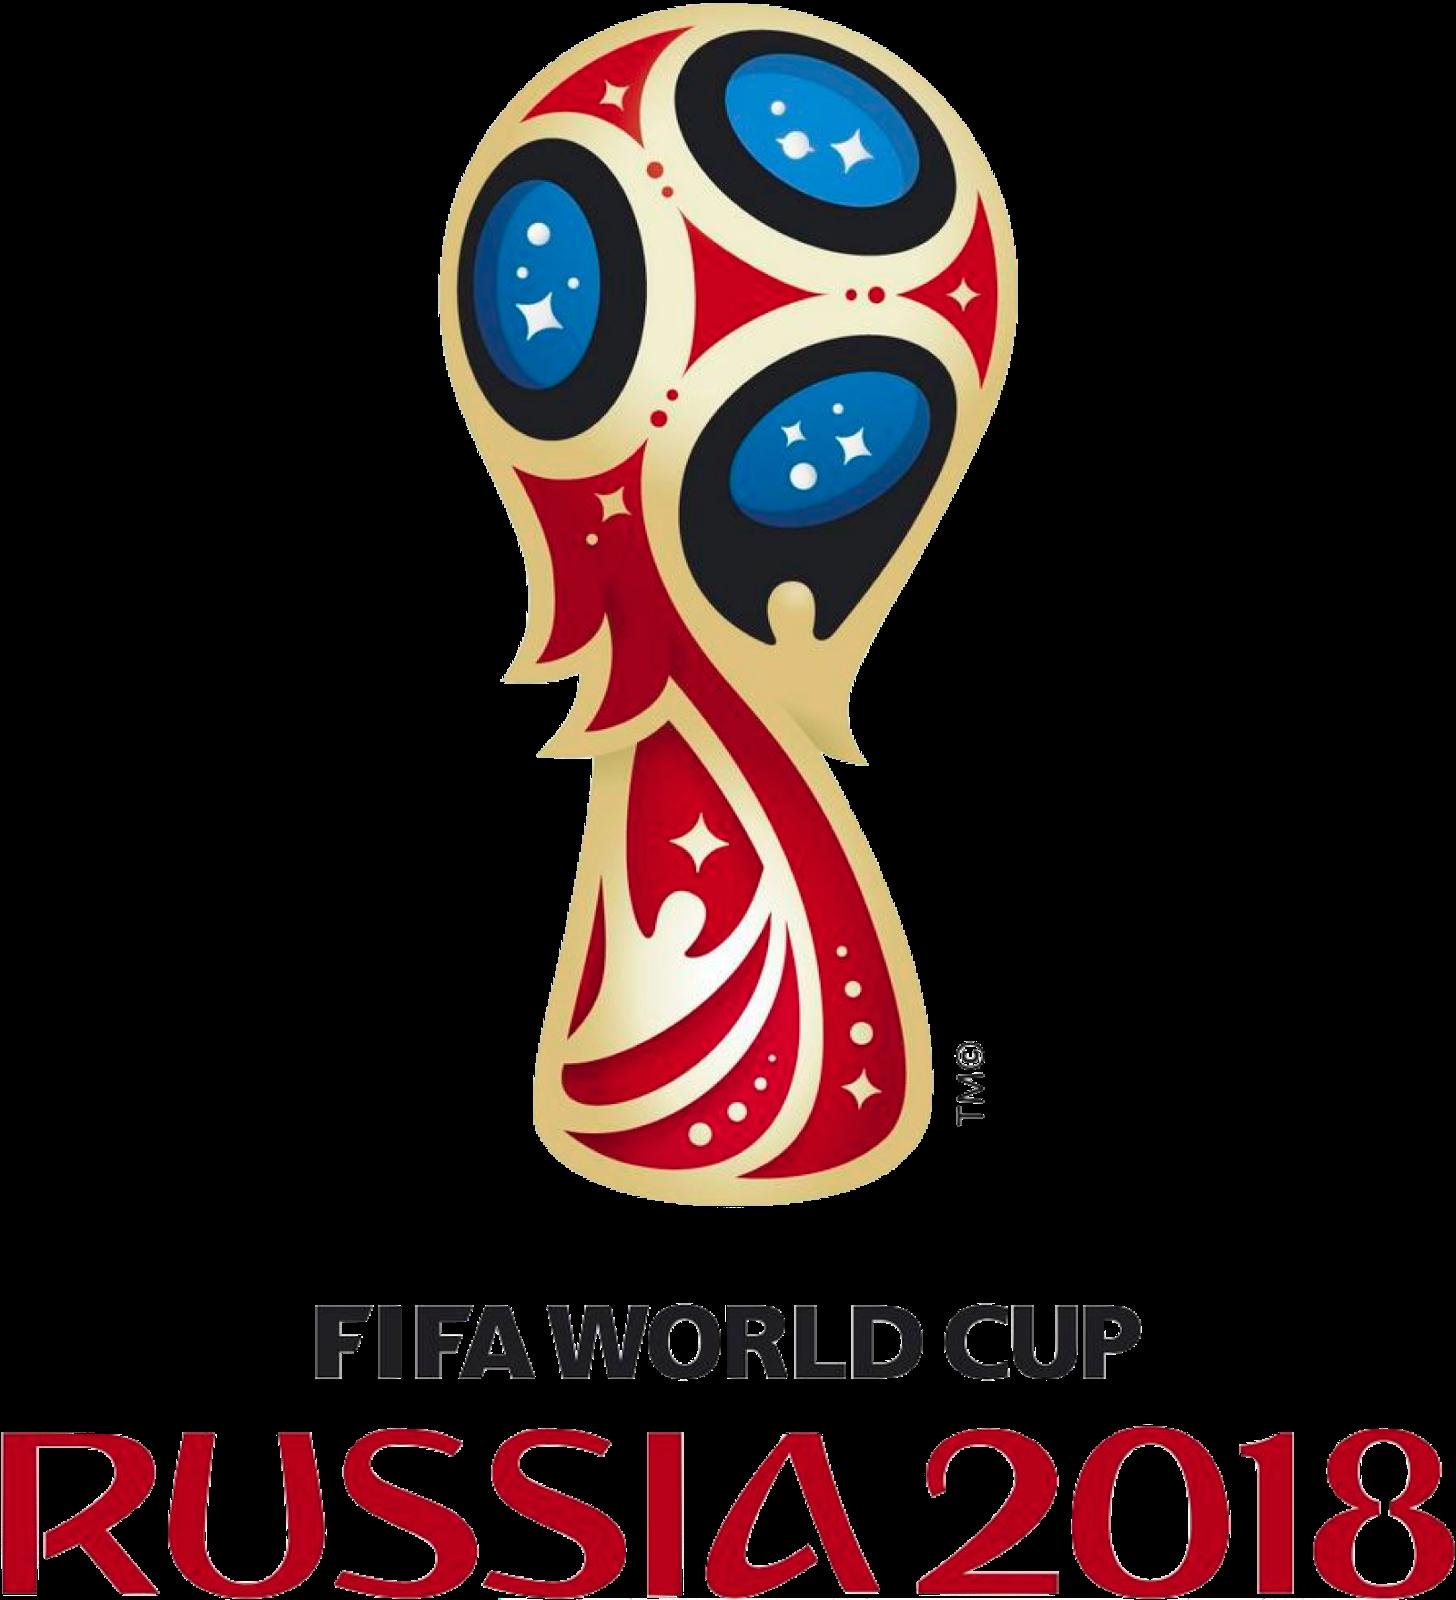 صور كاس العالم 2018 روسيا مصر فى كأس العالم - احلى صور